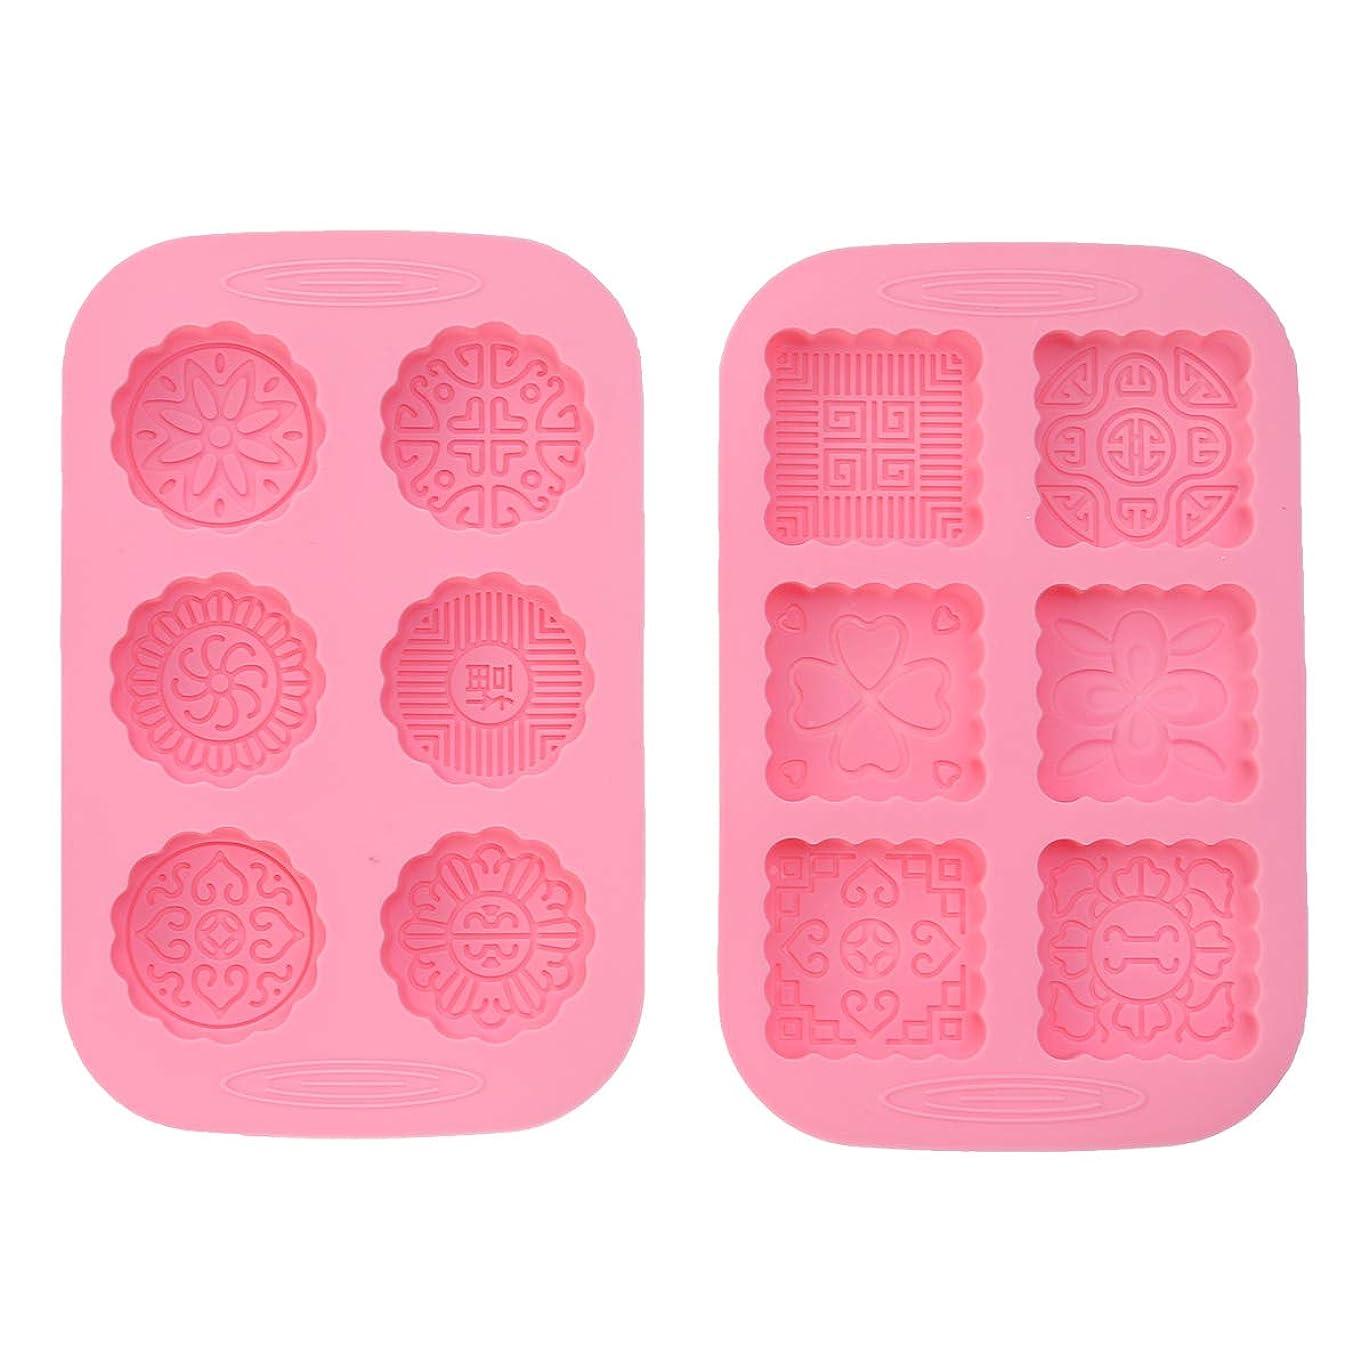 アリーナ報酬慈悲Healifty チョコレート石鹸パンのための2本の月餅型の花型(ピンク)